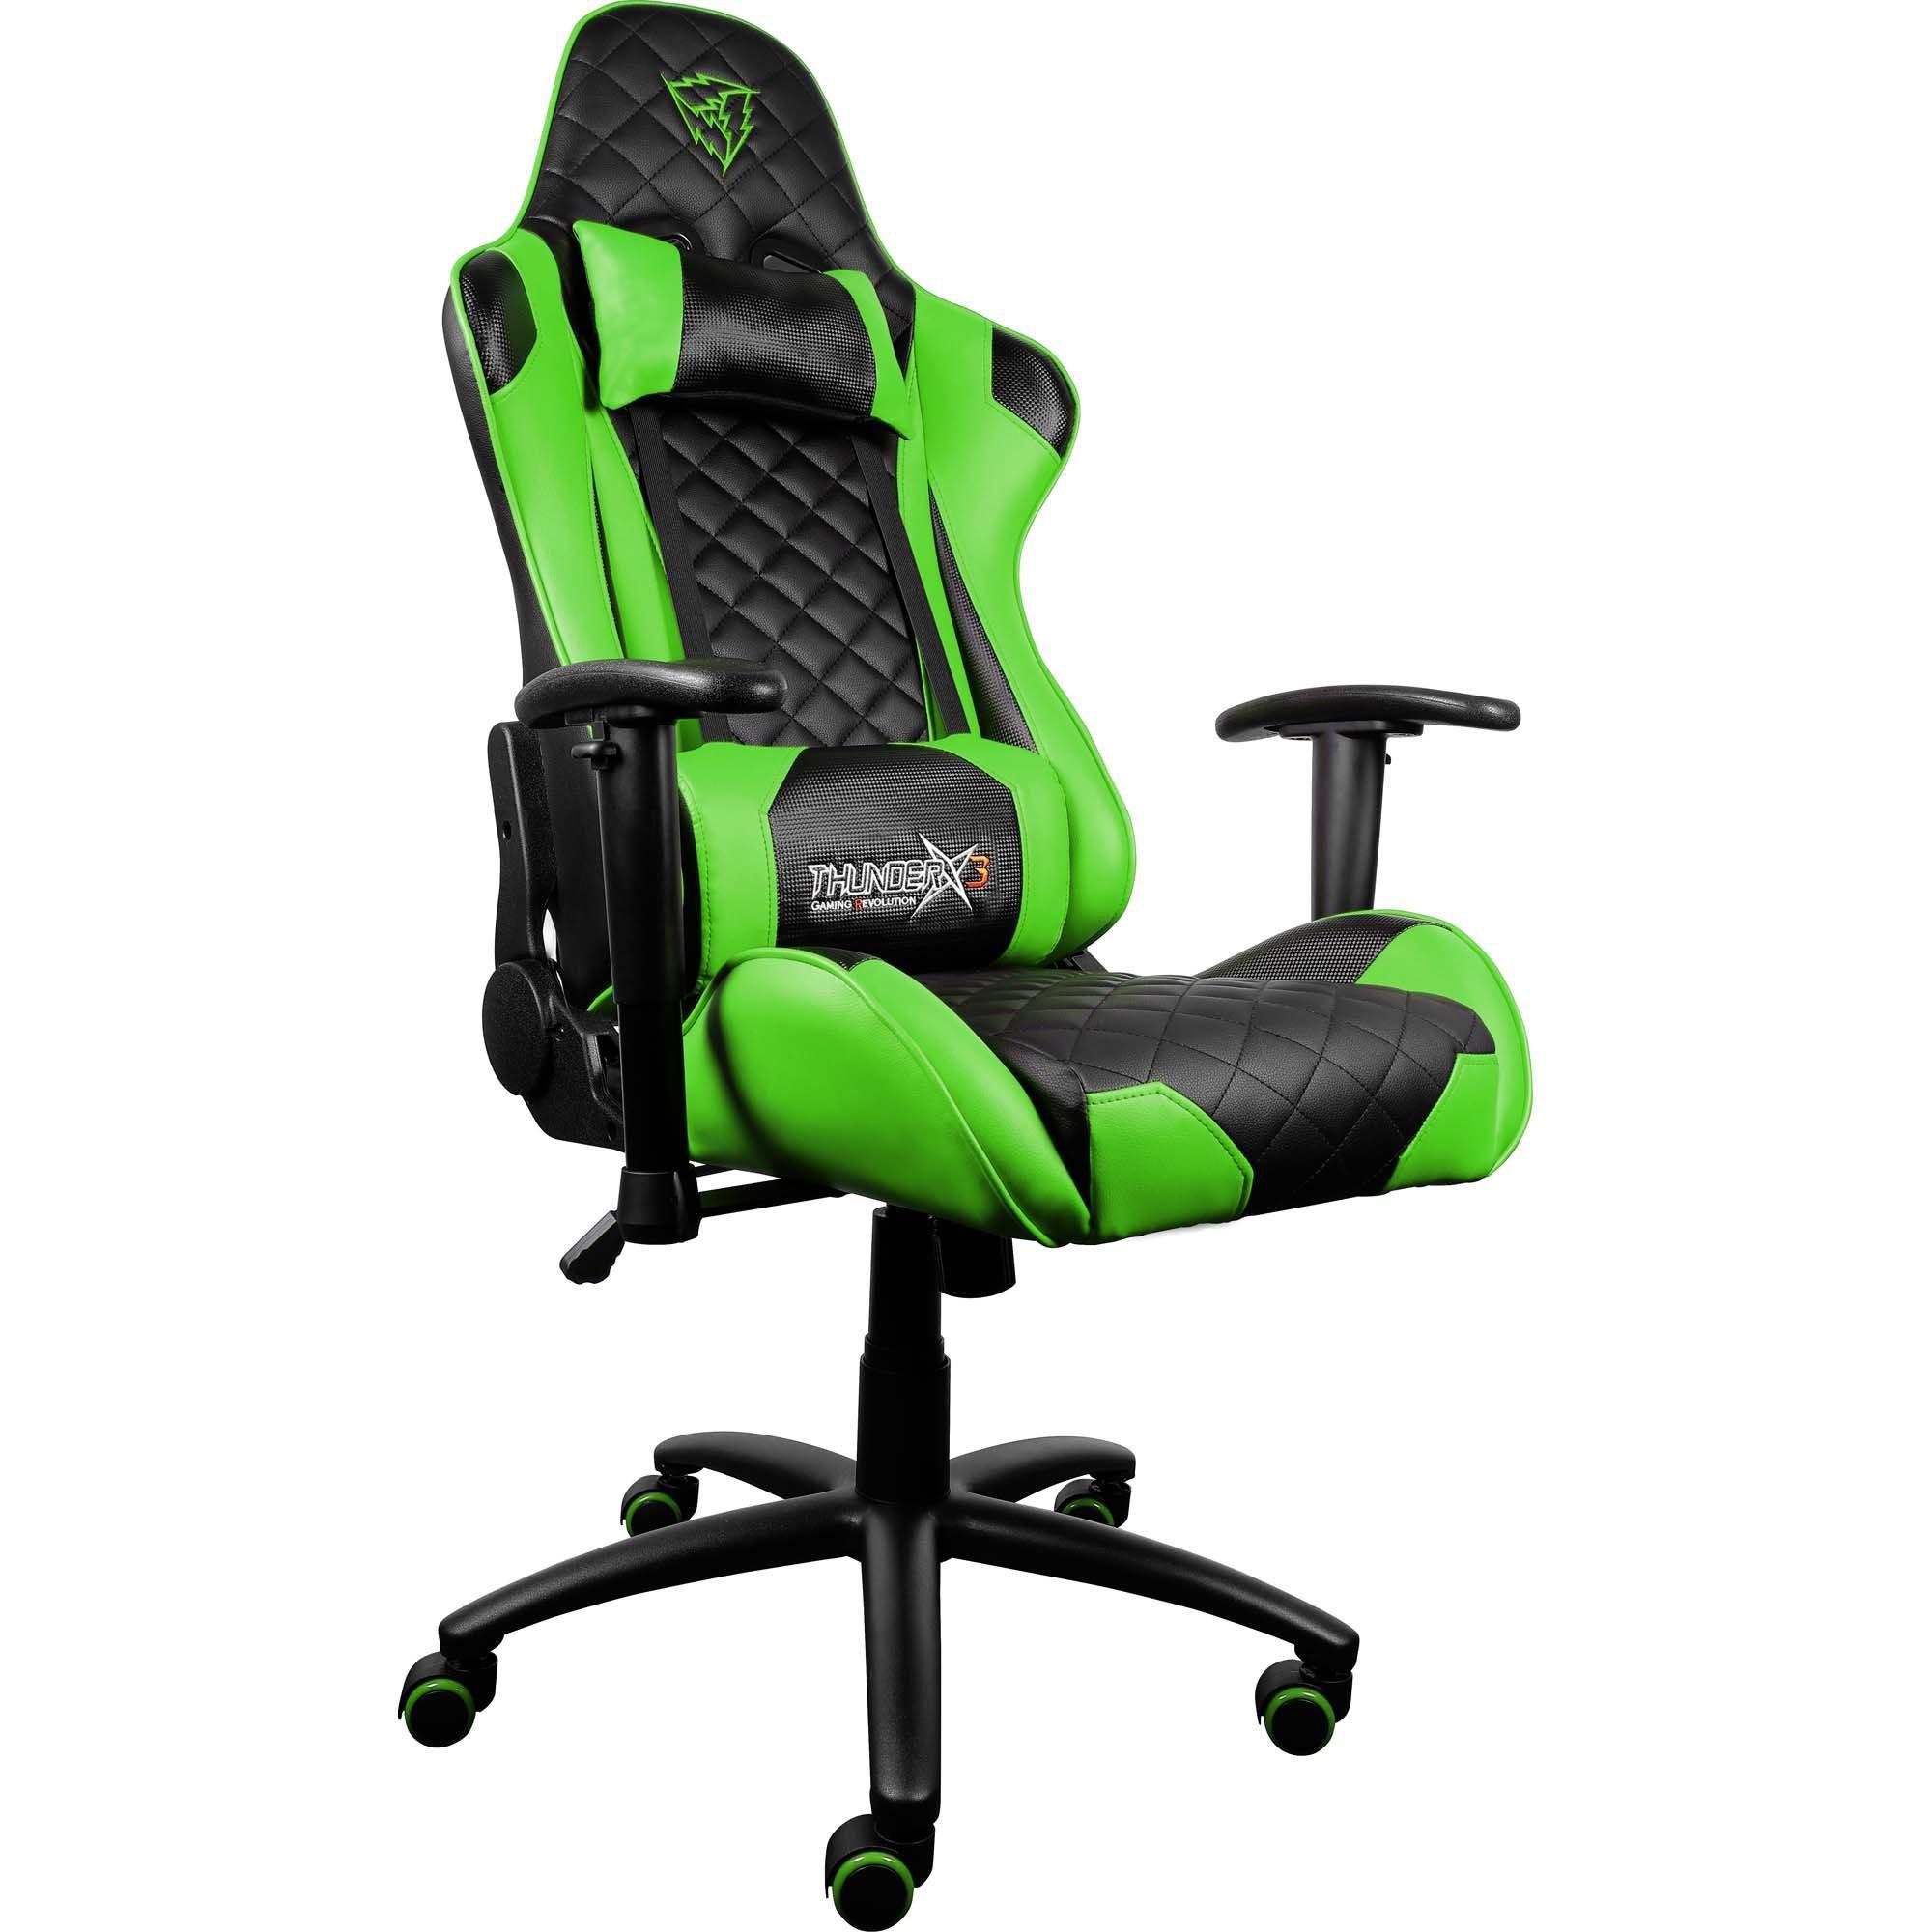 cadeira gamer rapido preta verde thunderx3 profissional tgc12 43832 2000 191587 1